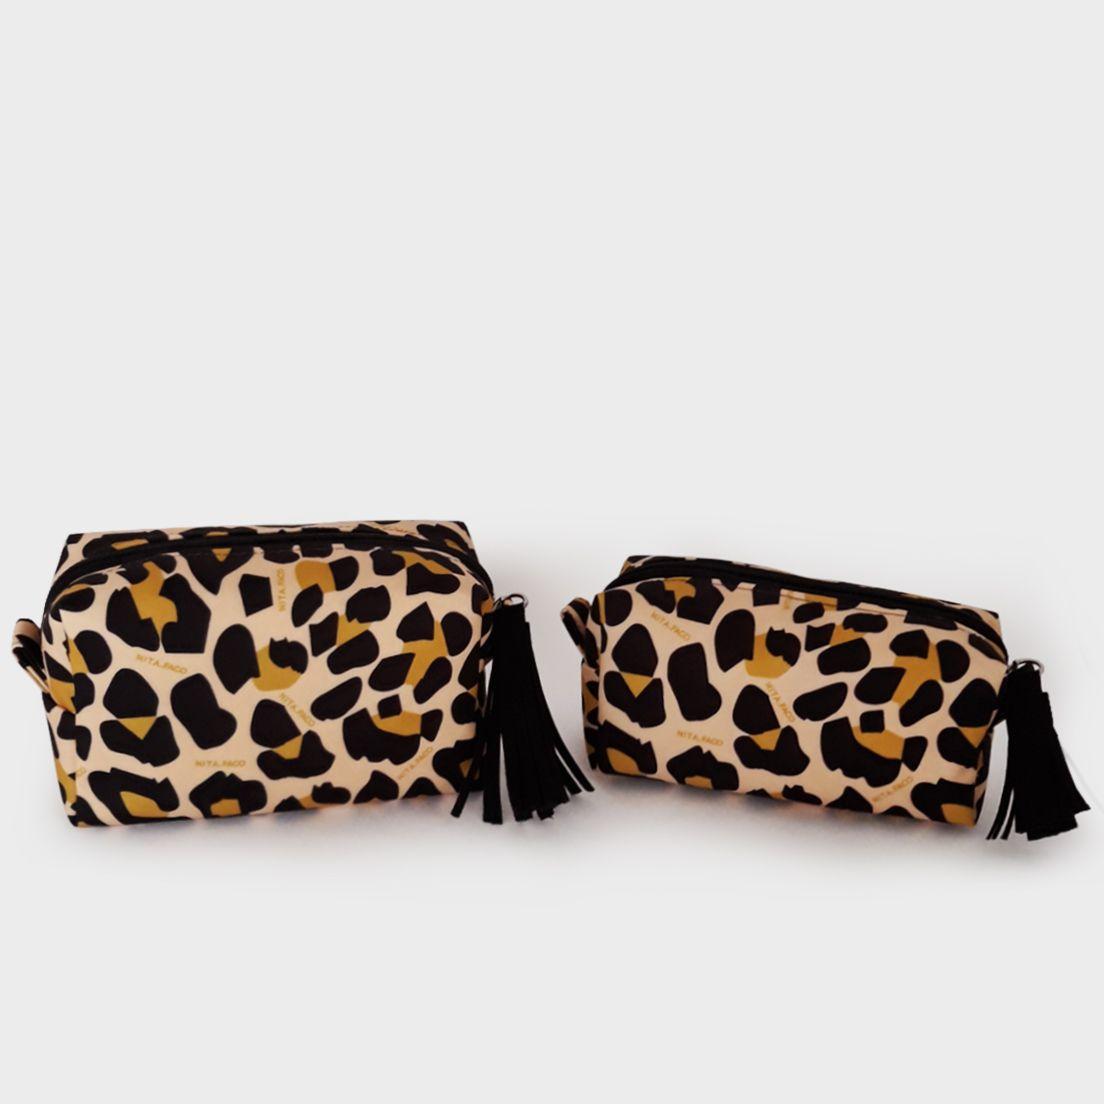 Kit Nécessaires Letta Leopardo Amarelo